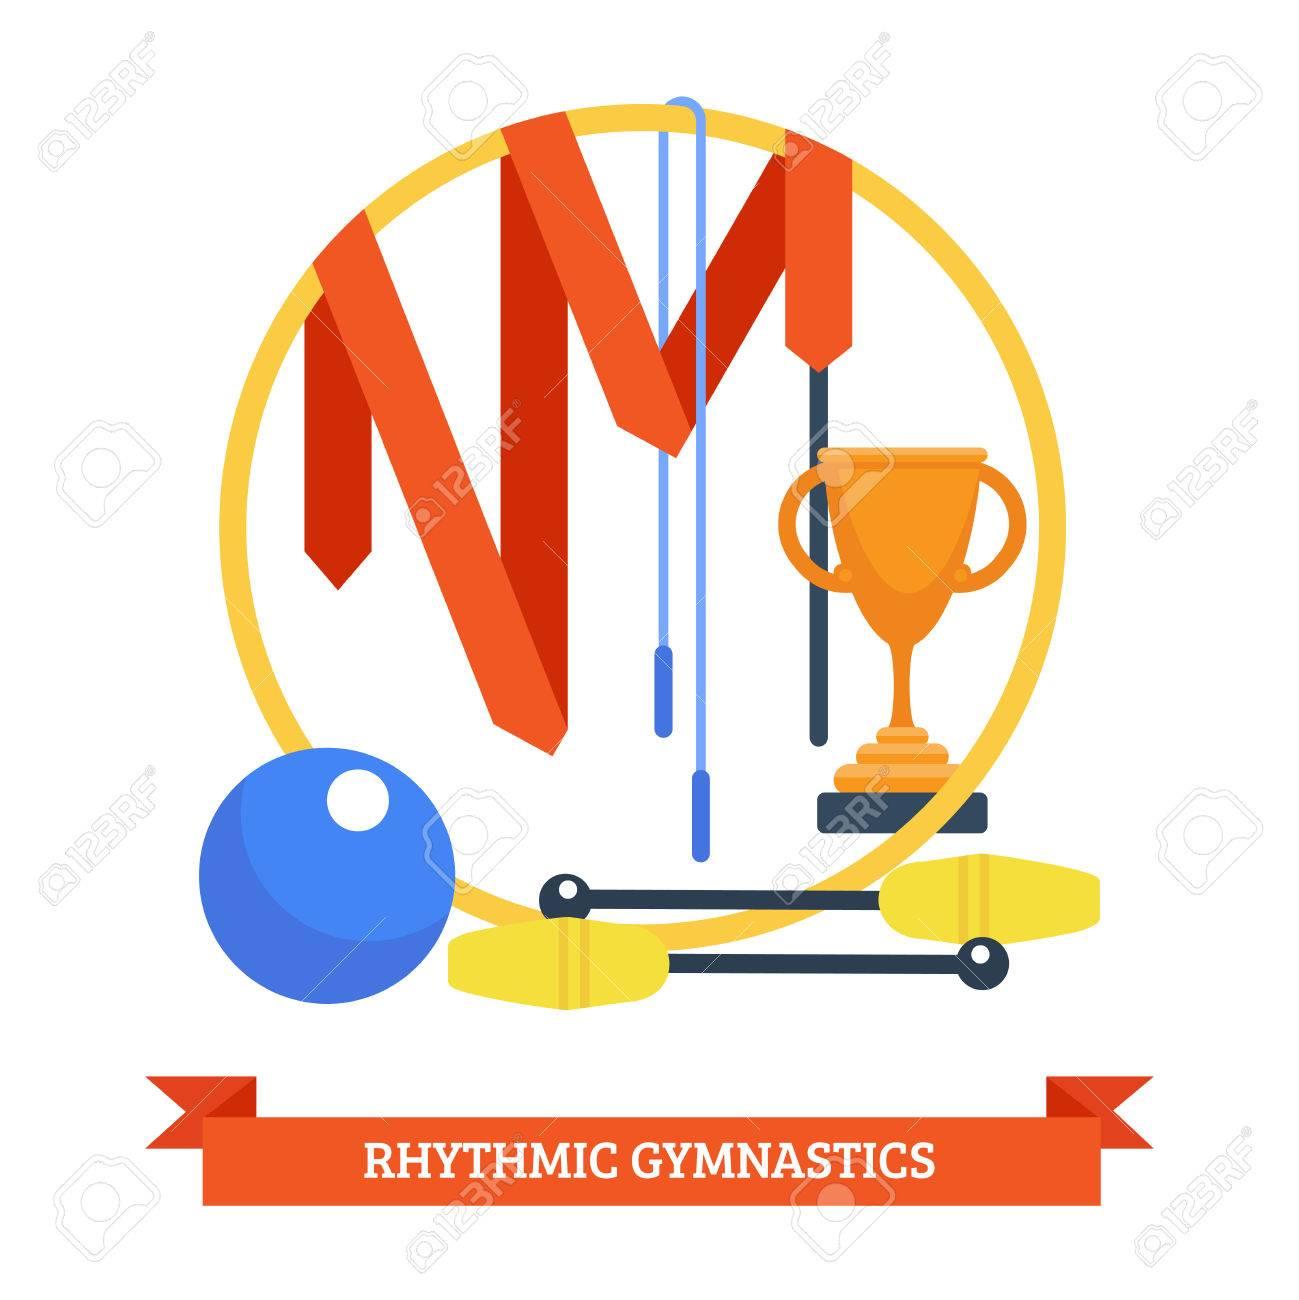 リトミック体操コンセプト ジャンプ ロープ スポーツ機器ベクトル